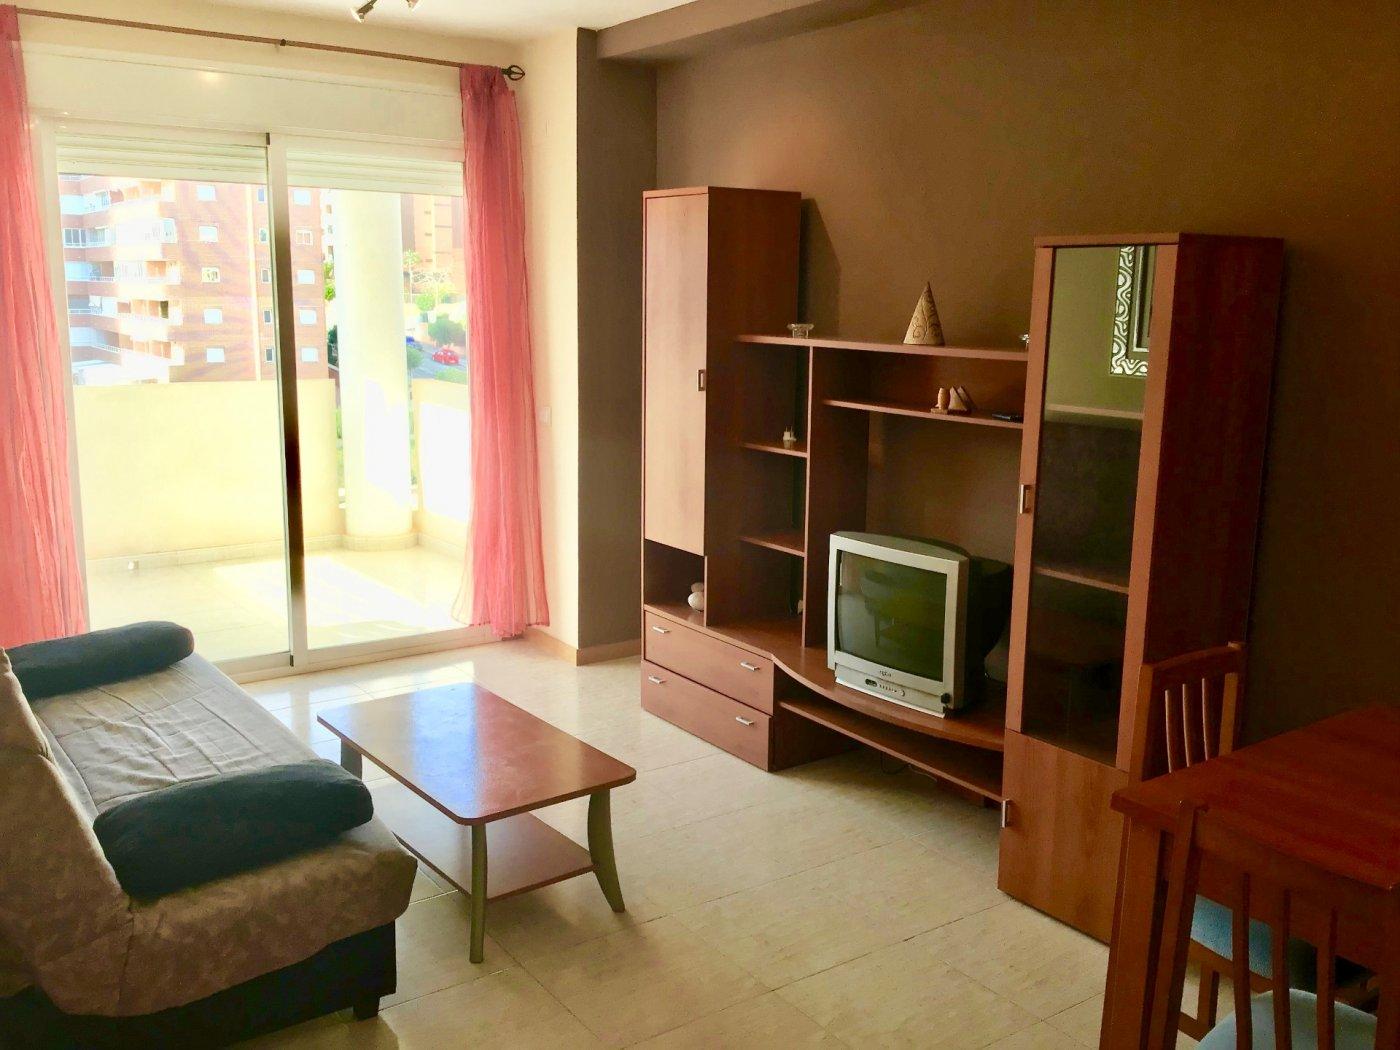 Affitto Appartamento  Villajoyosa ,cala villajoyosa. Tu primera casa al lado del mar.